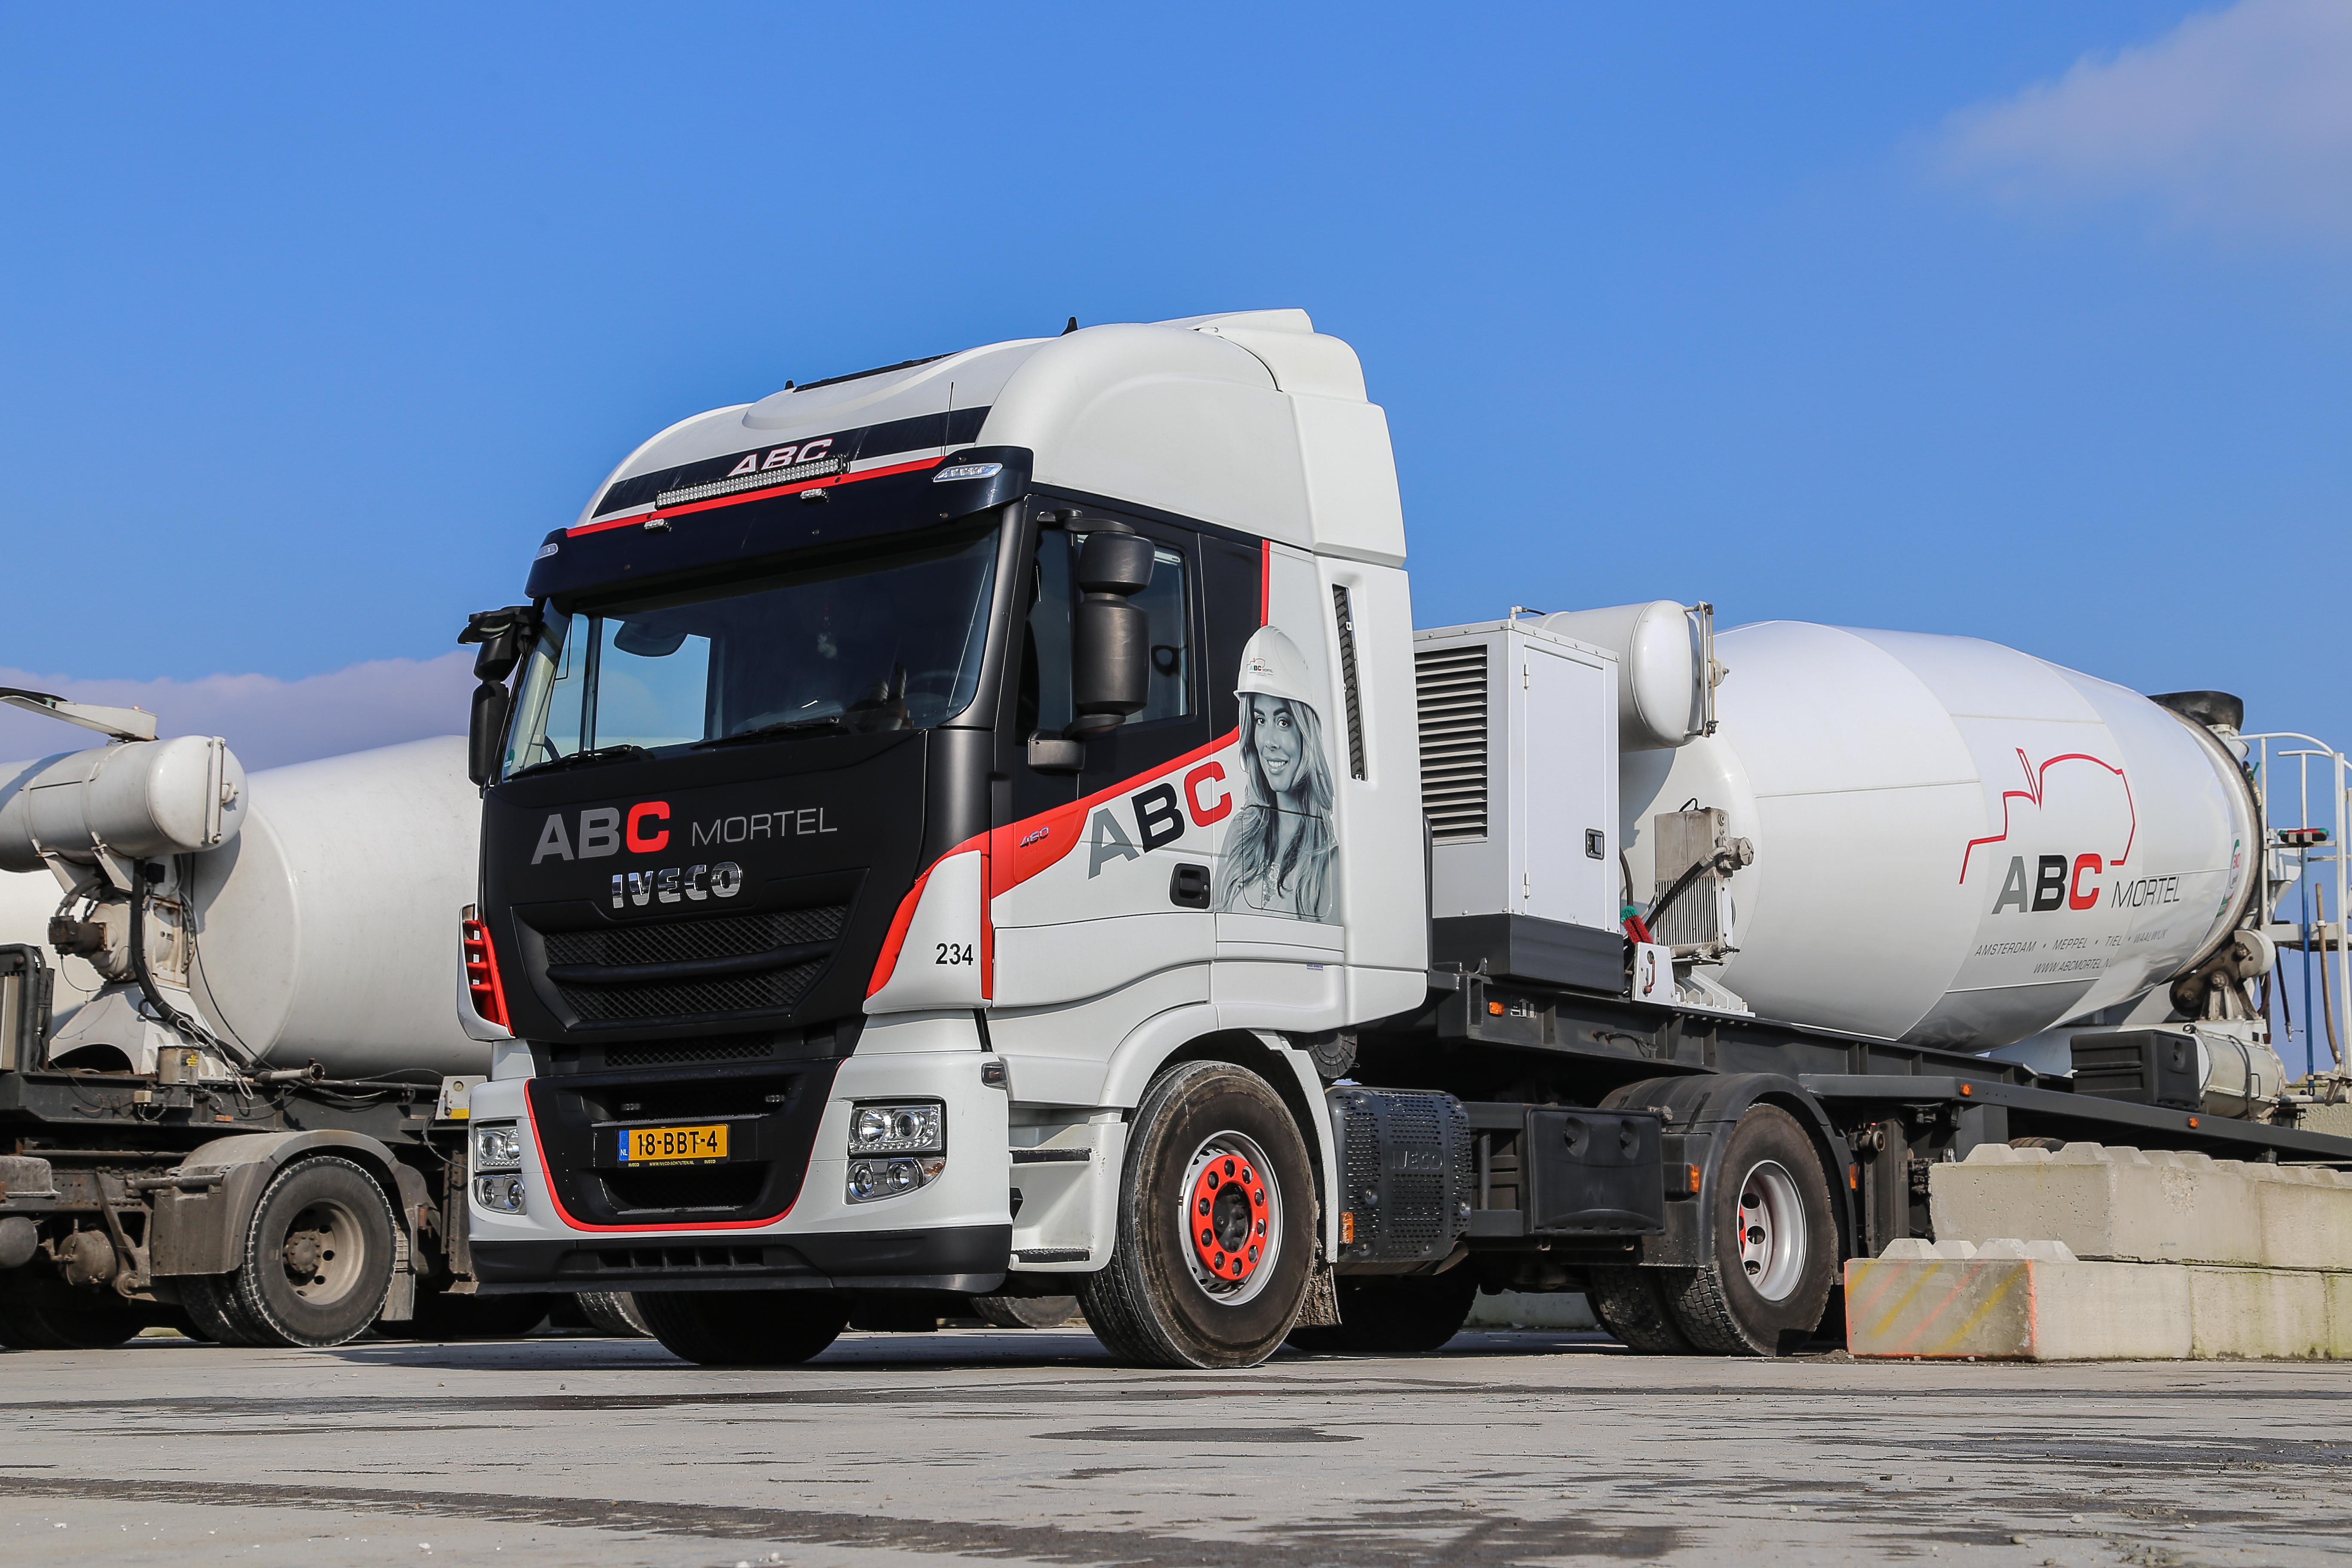 <p>Wat betreft de vrachtwagens investeerde ABC Mortel recentelijk vooral in Iveco&#8217;s. De argumenten die pleiten voor Iveco, zijn nagenoeg dezelfde als die voor de Case opgaan.</p>